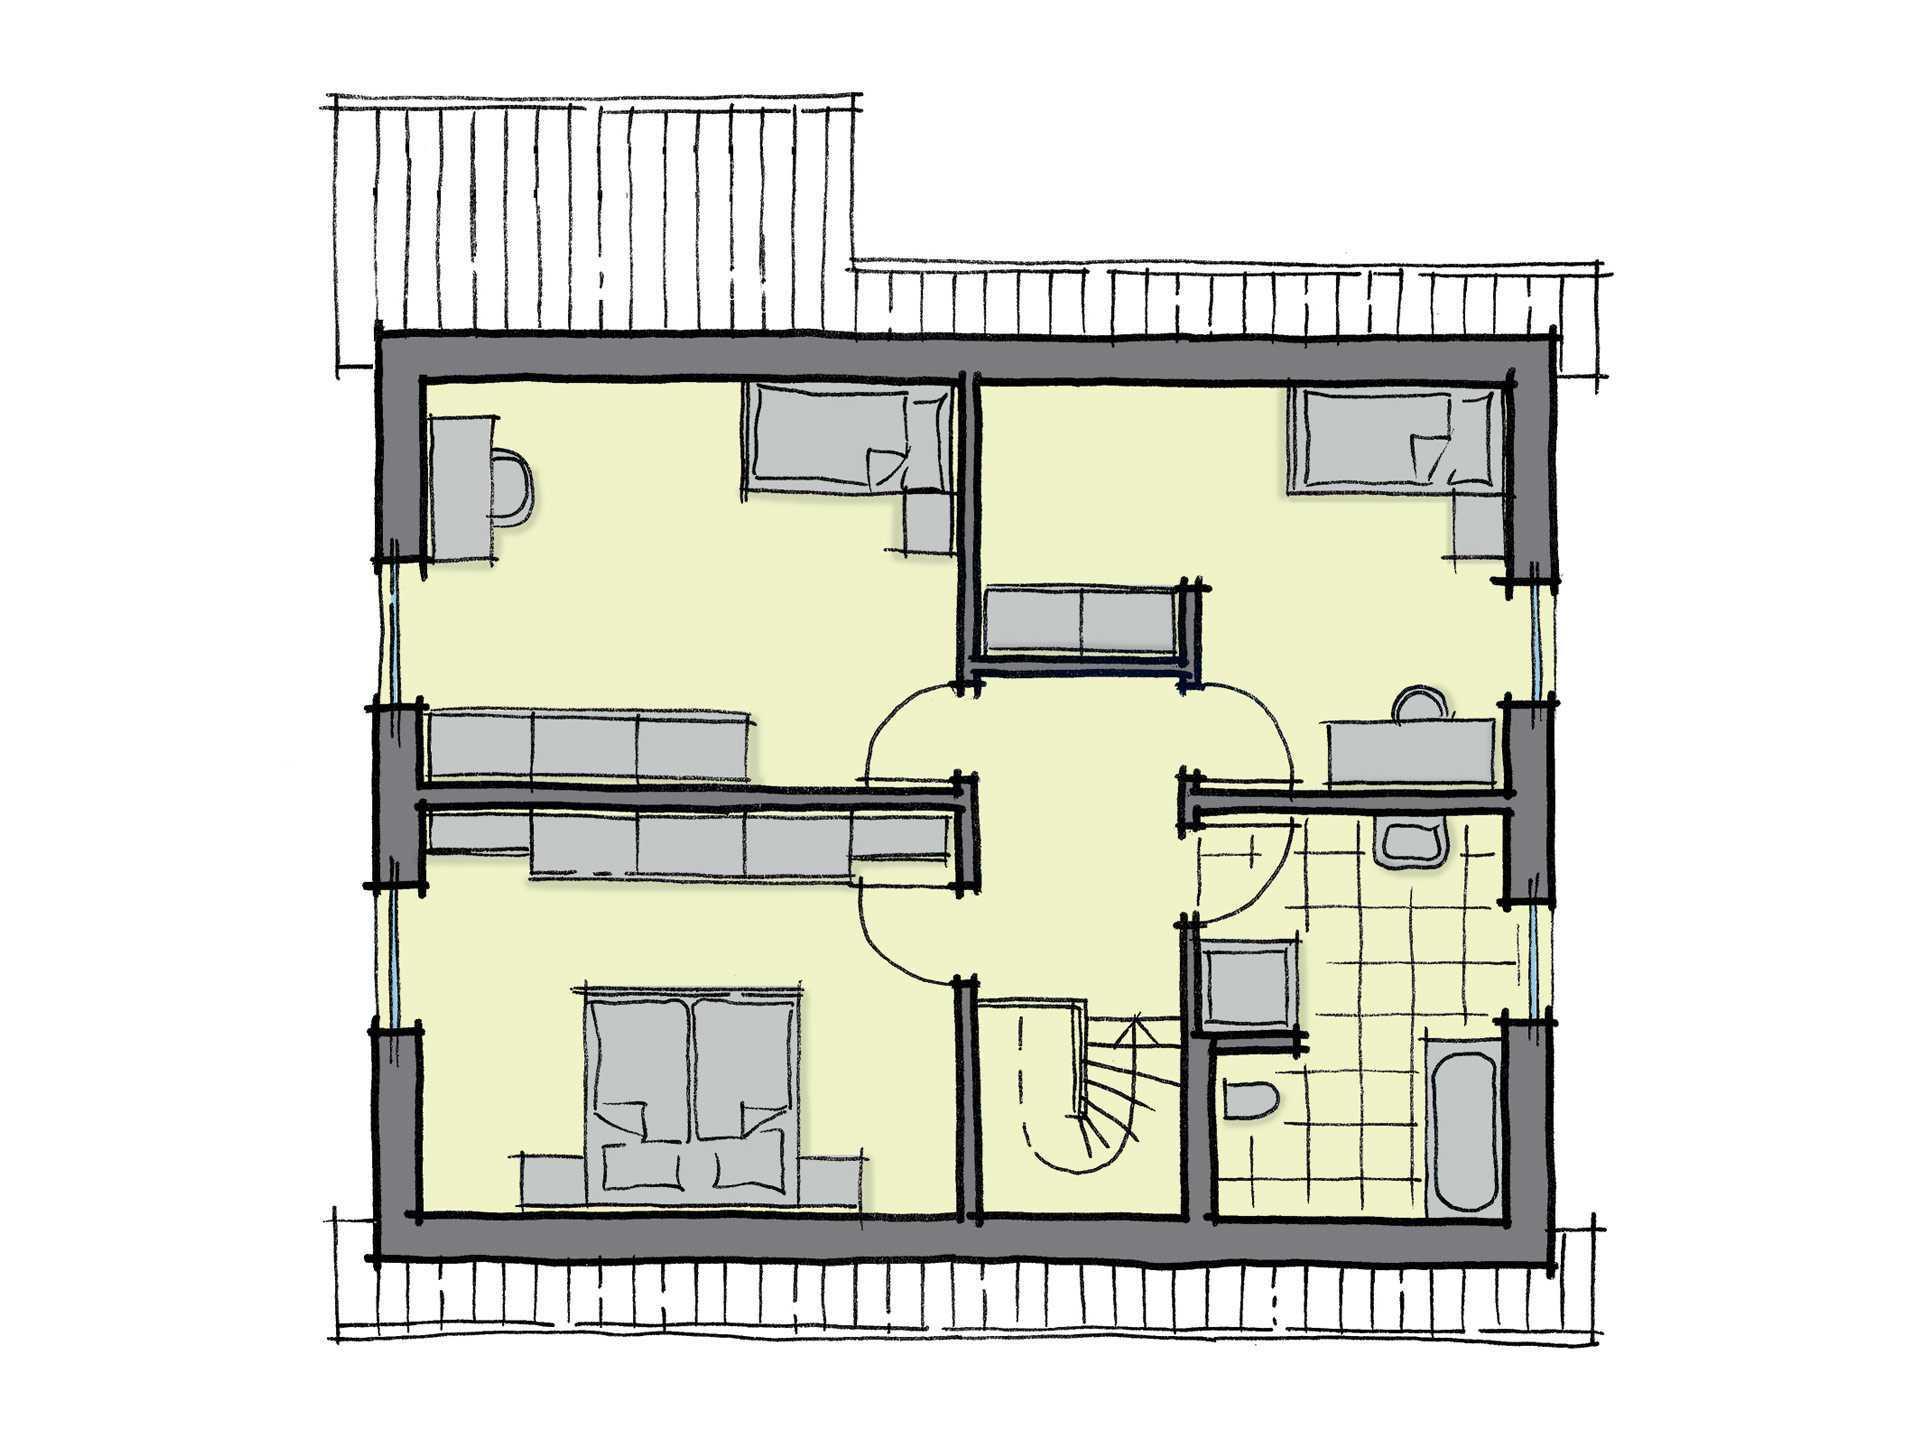 Grundriss Dachgeschoss Fertighaus Magnolienallee Variante 1 GUSSEK HAUS